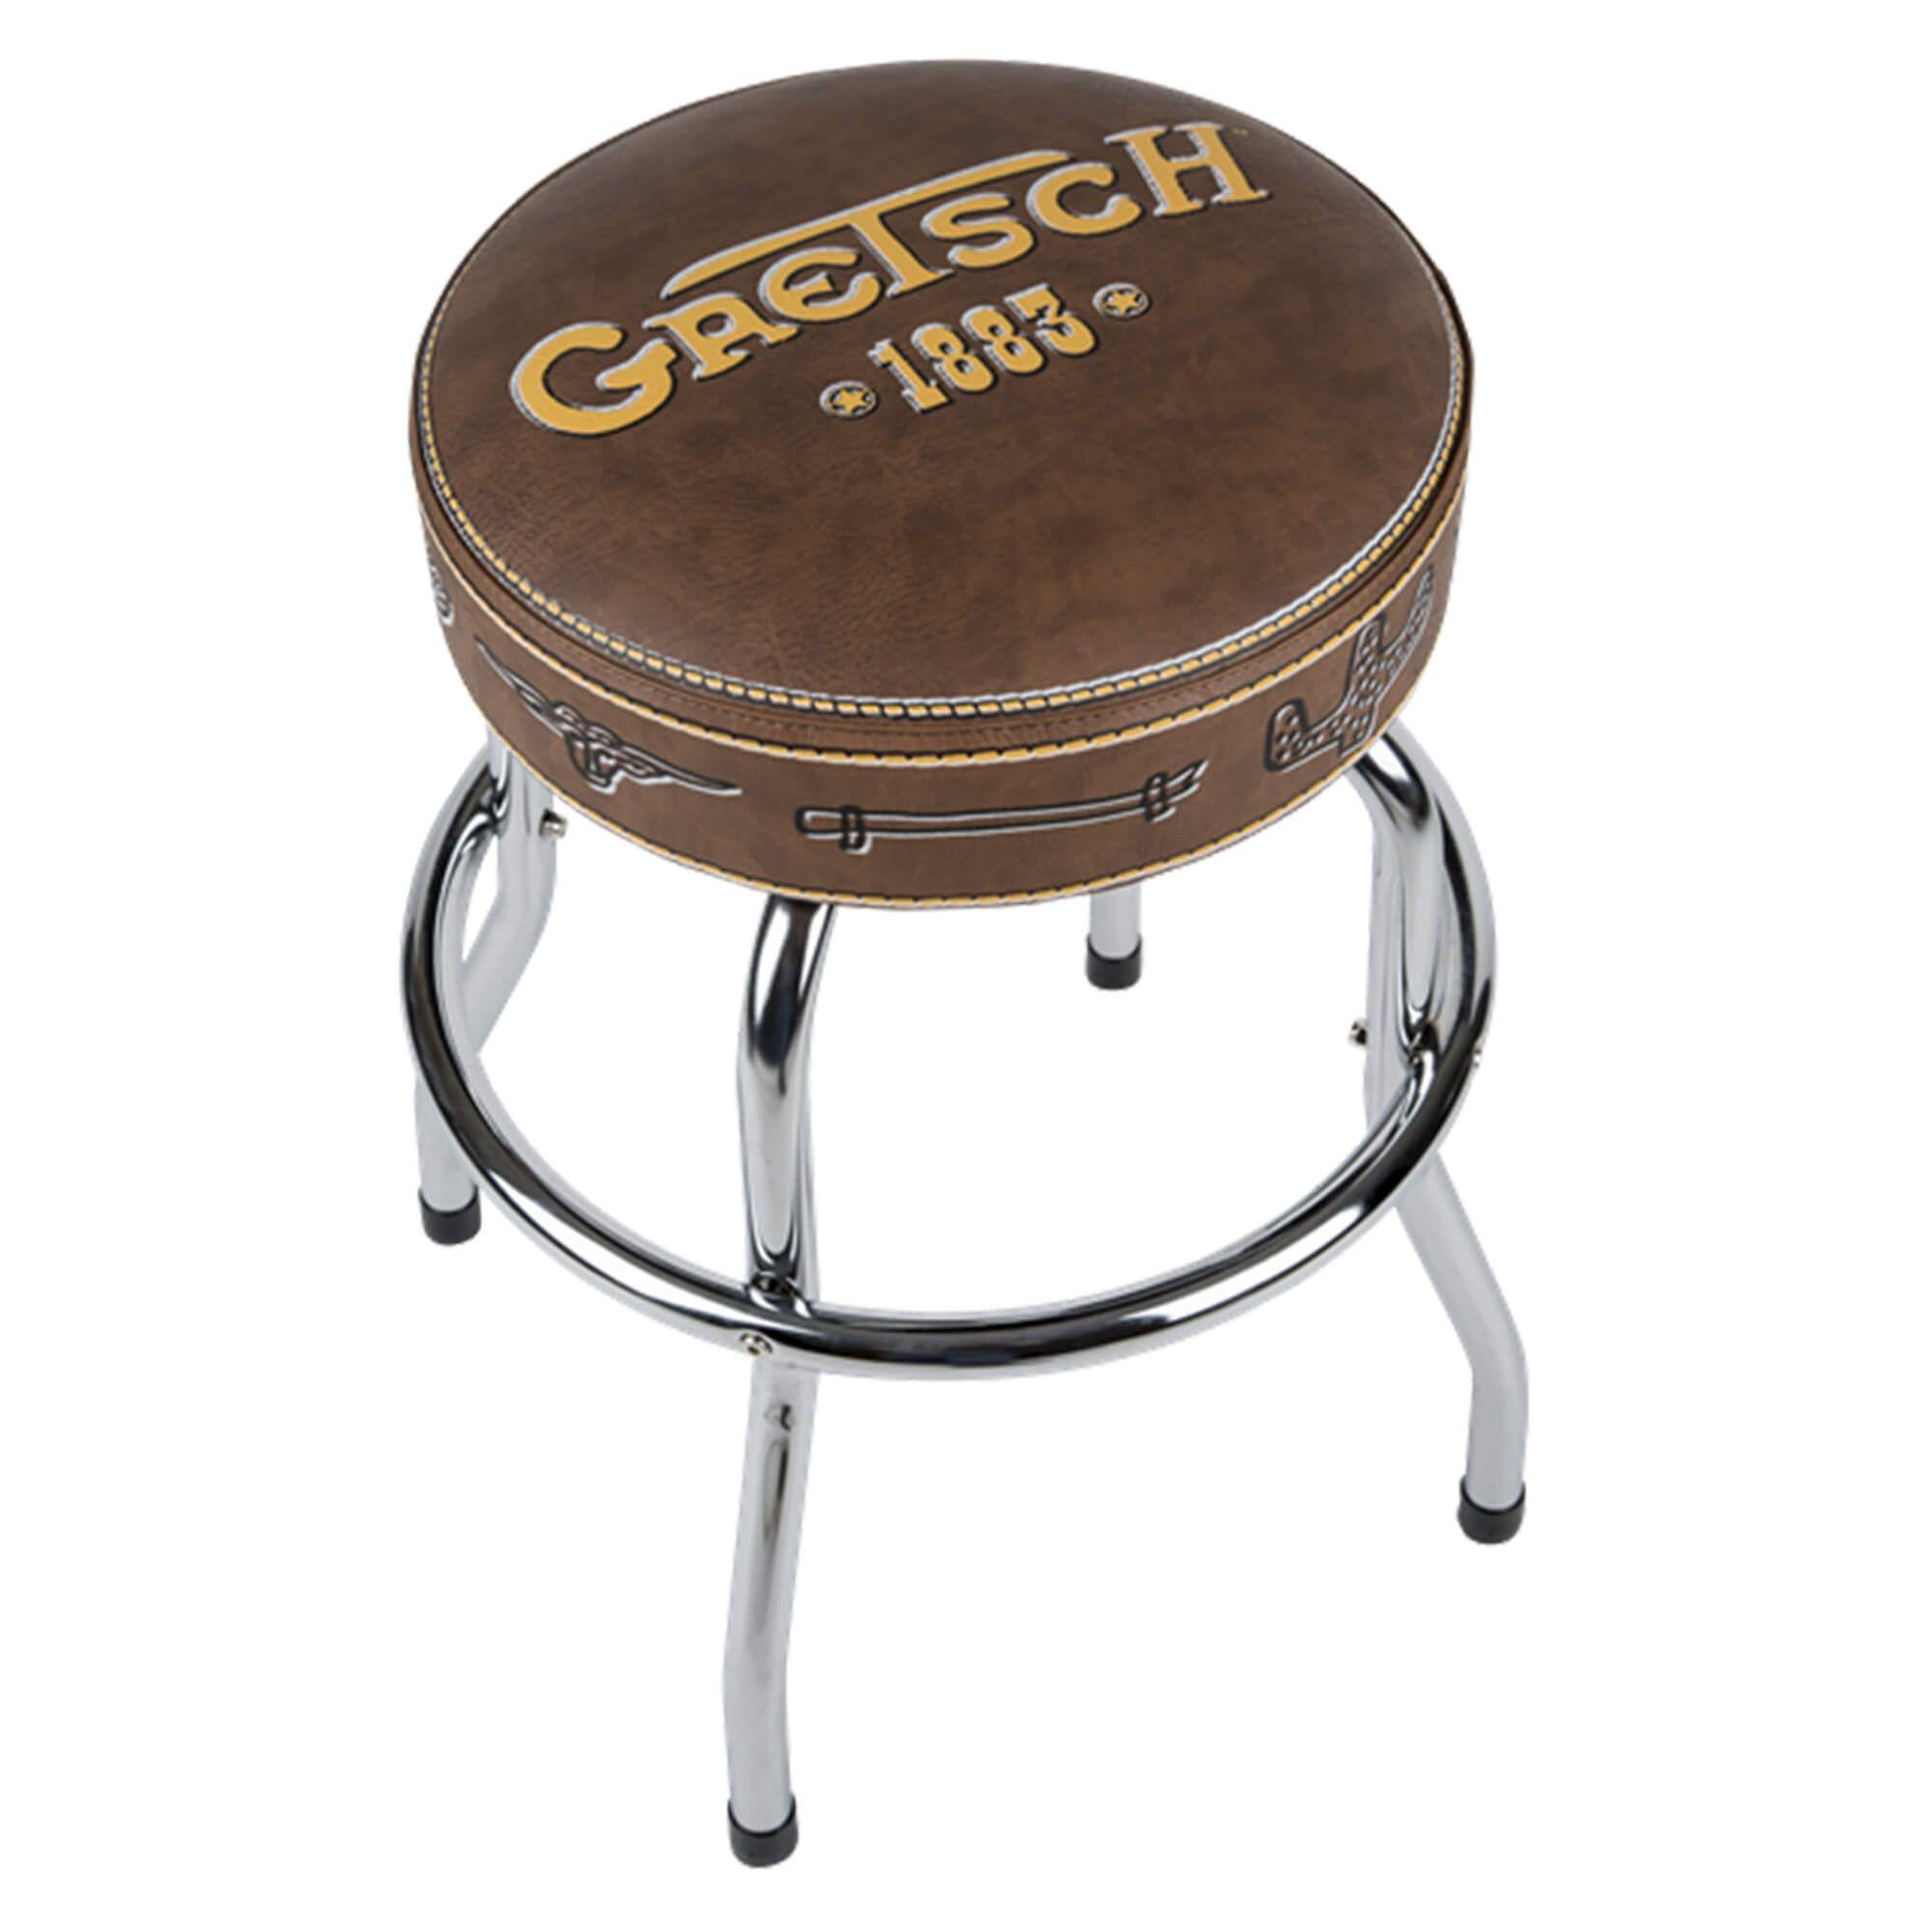 Gretsch 1883 Barstool - 24 Inch